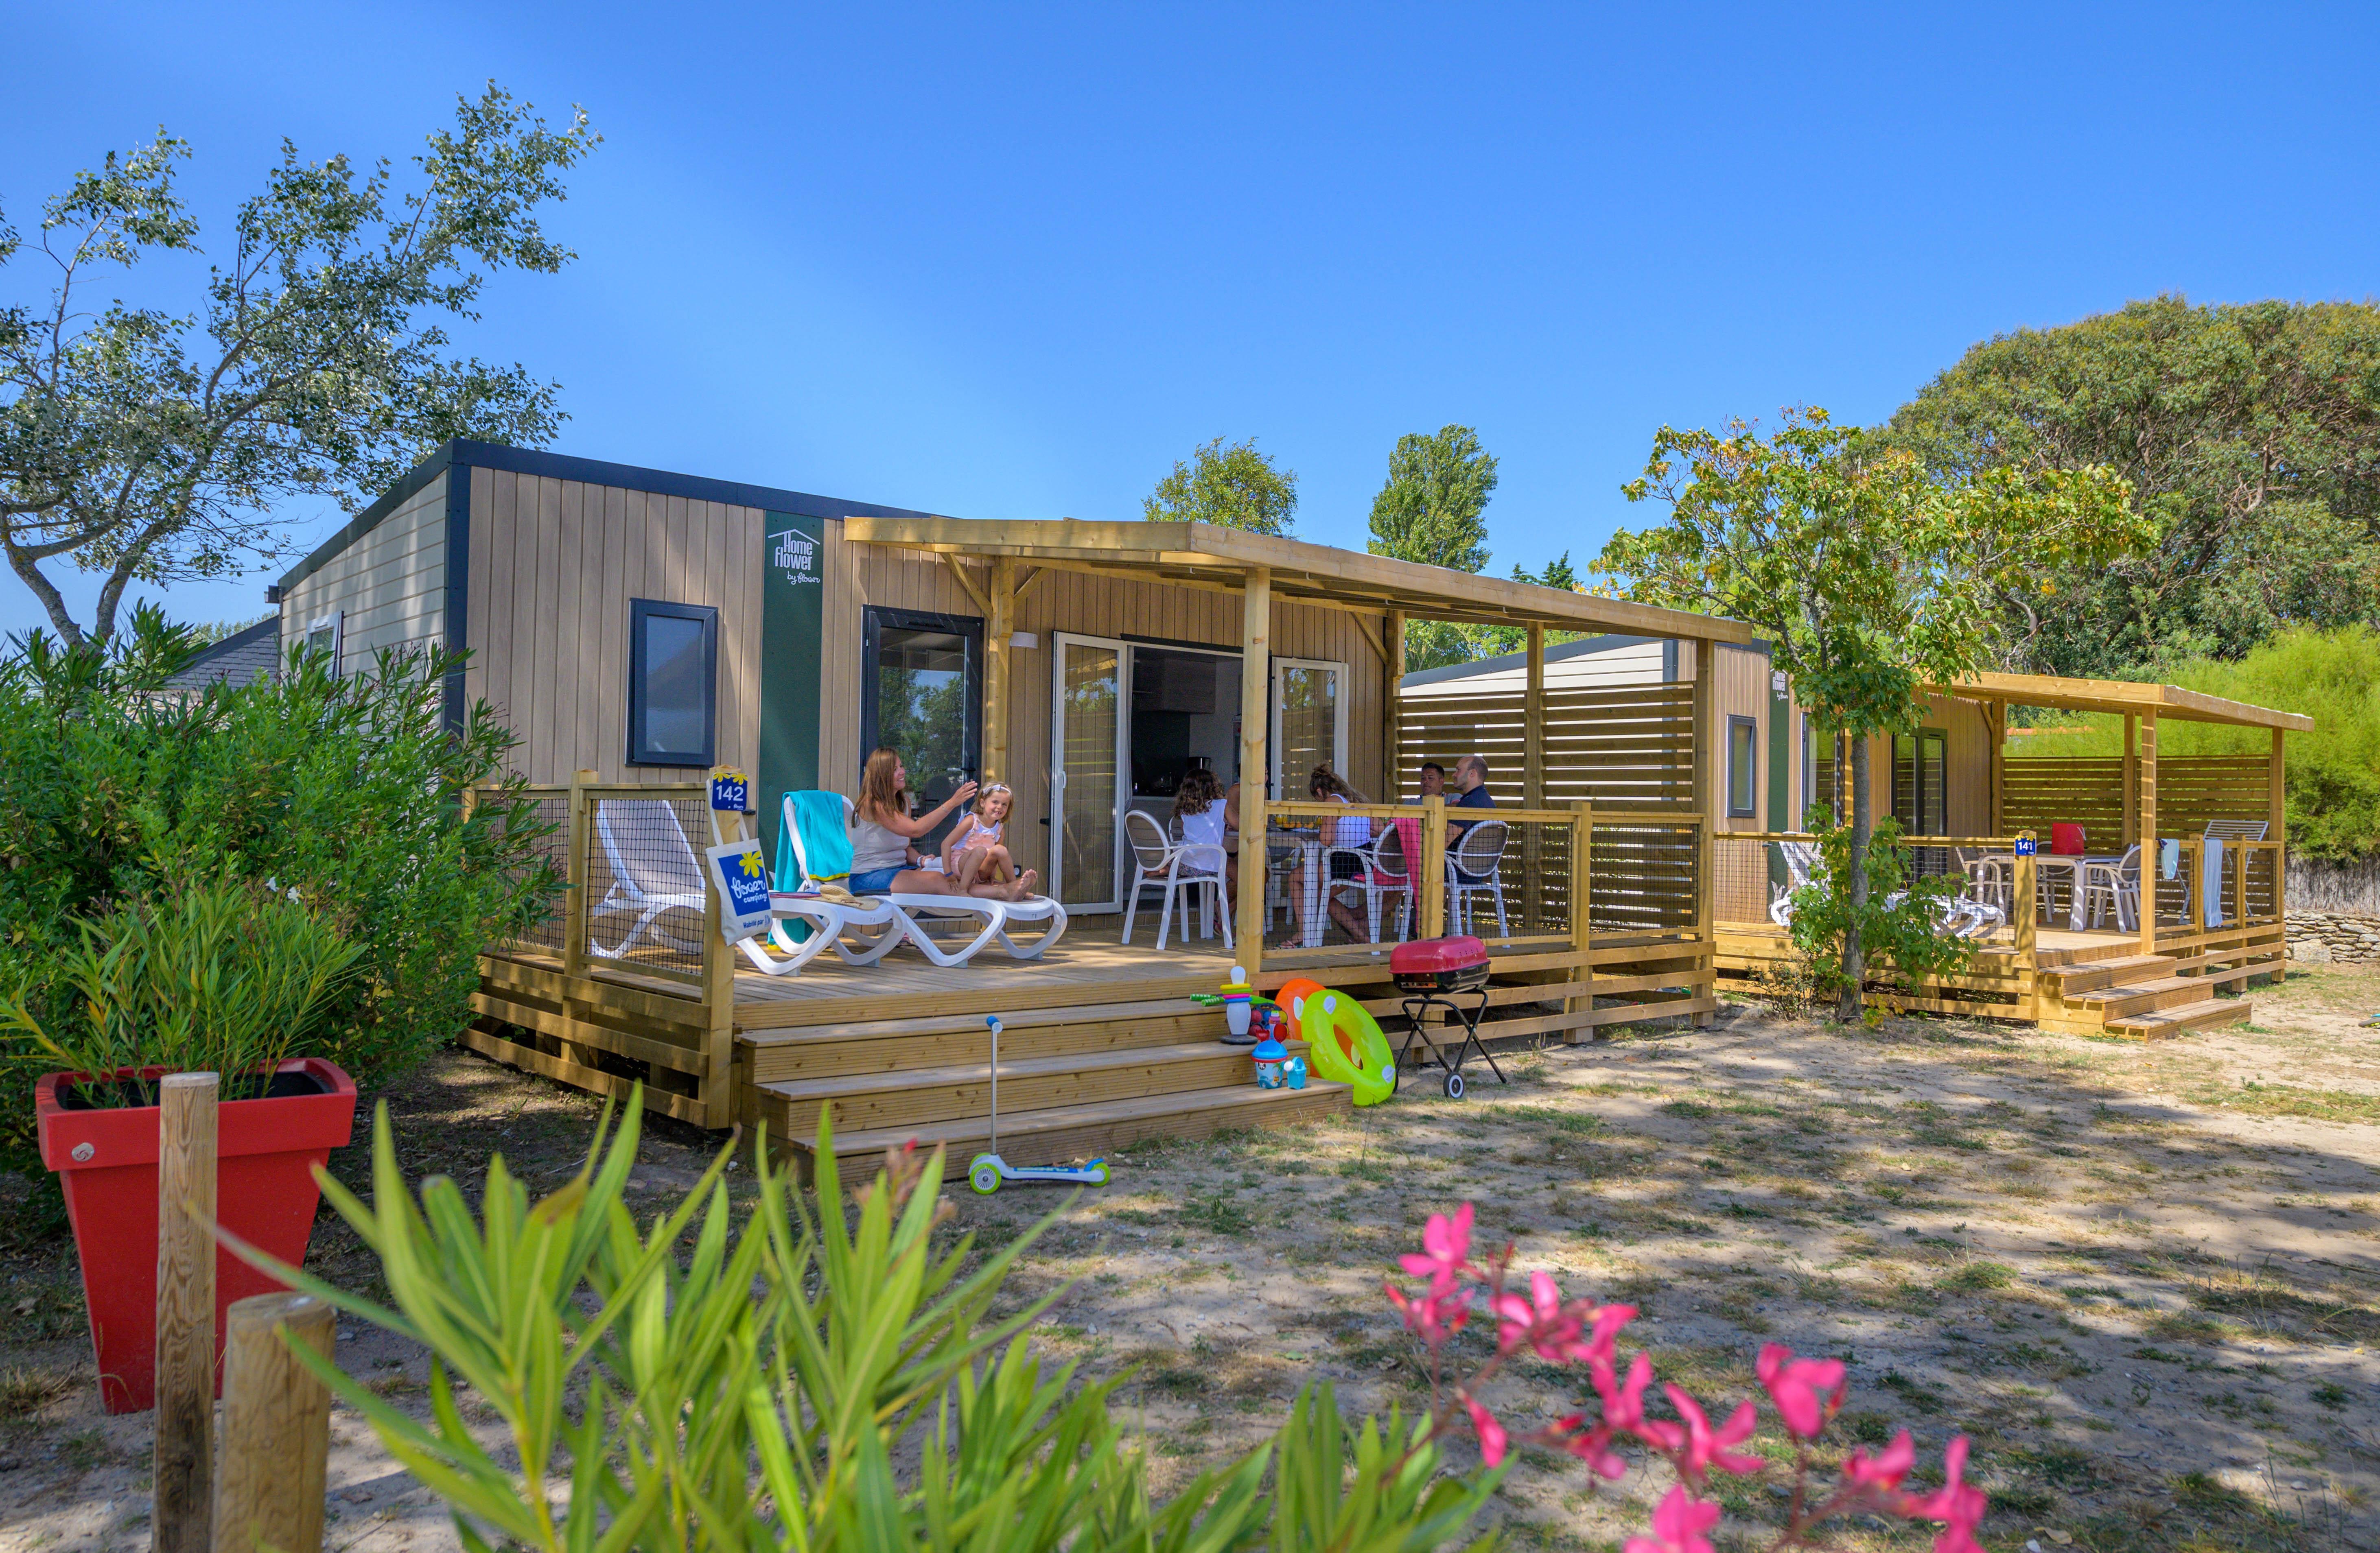 Location - Homeflower Premium 30,5M² (3 Chambres) + Terrasse Semi-Couverte + Tv + Lave Vaisselle + Draps Inclus - Flower Camping Le Bois d'Amour